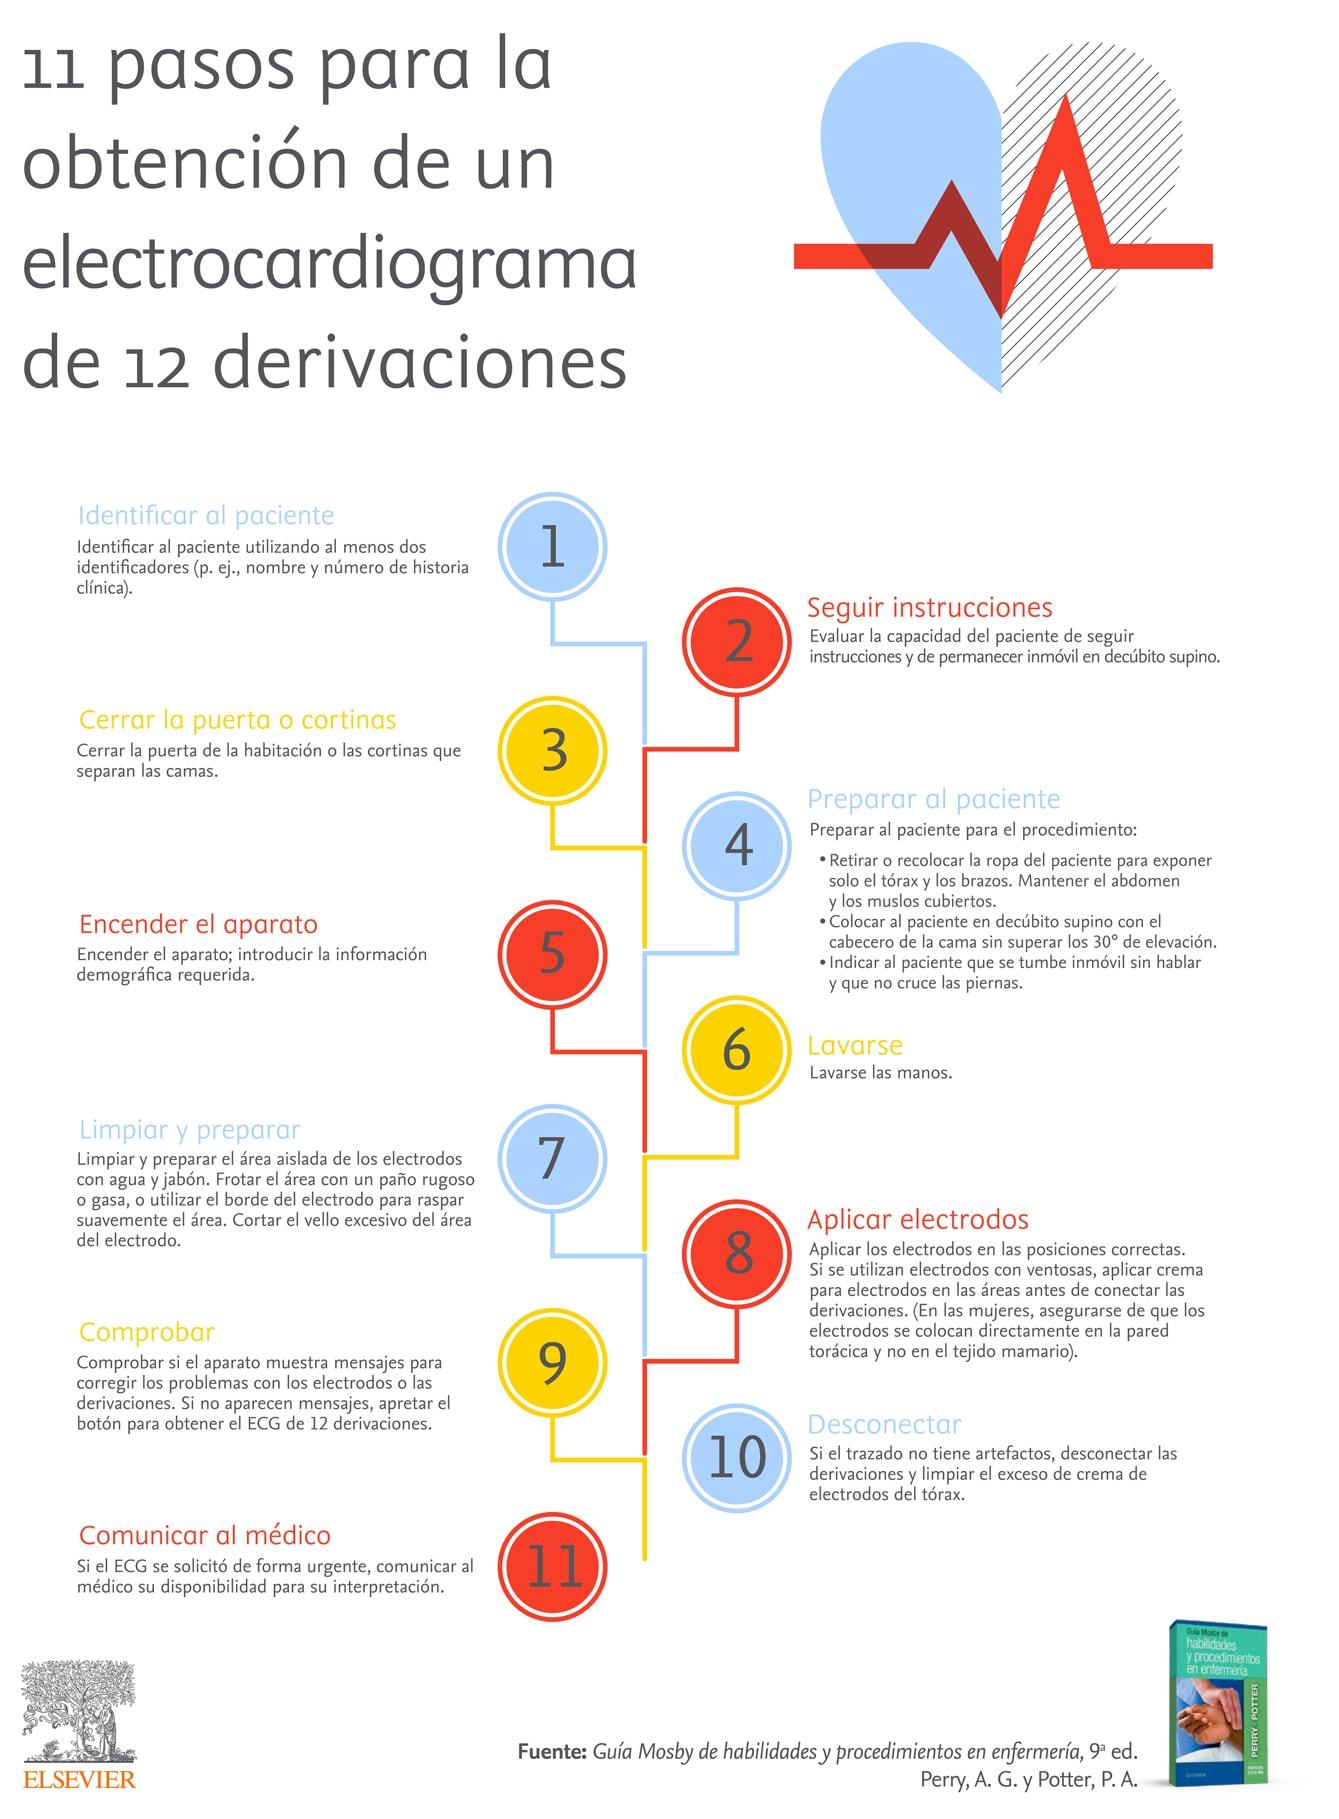 Electrocardiograma de 12 derivaciones